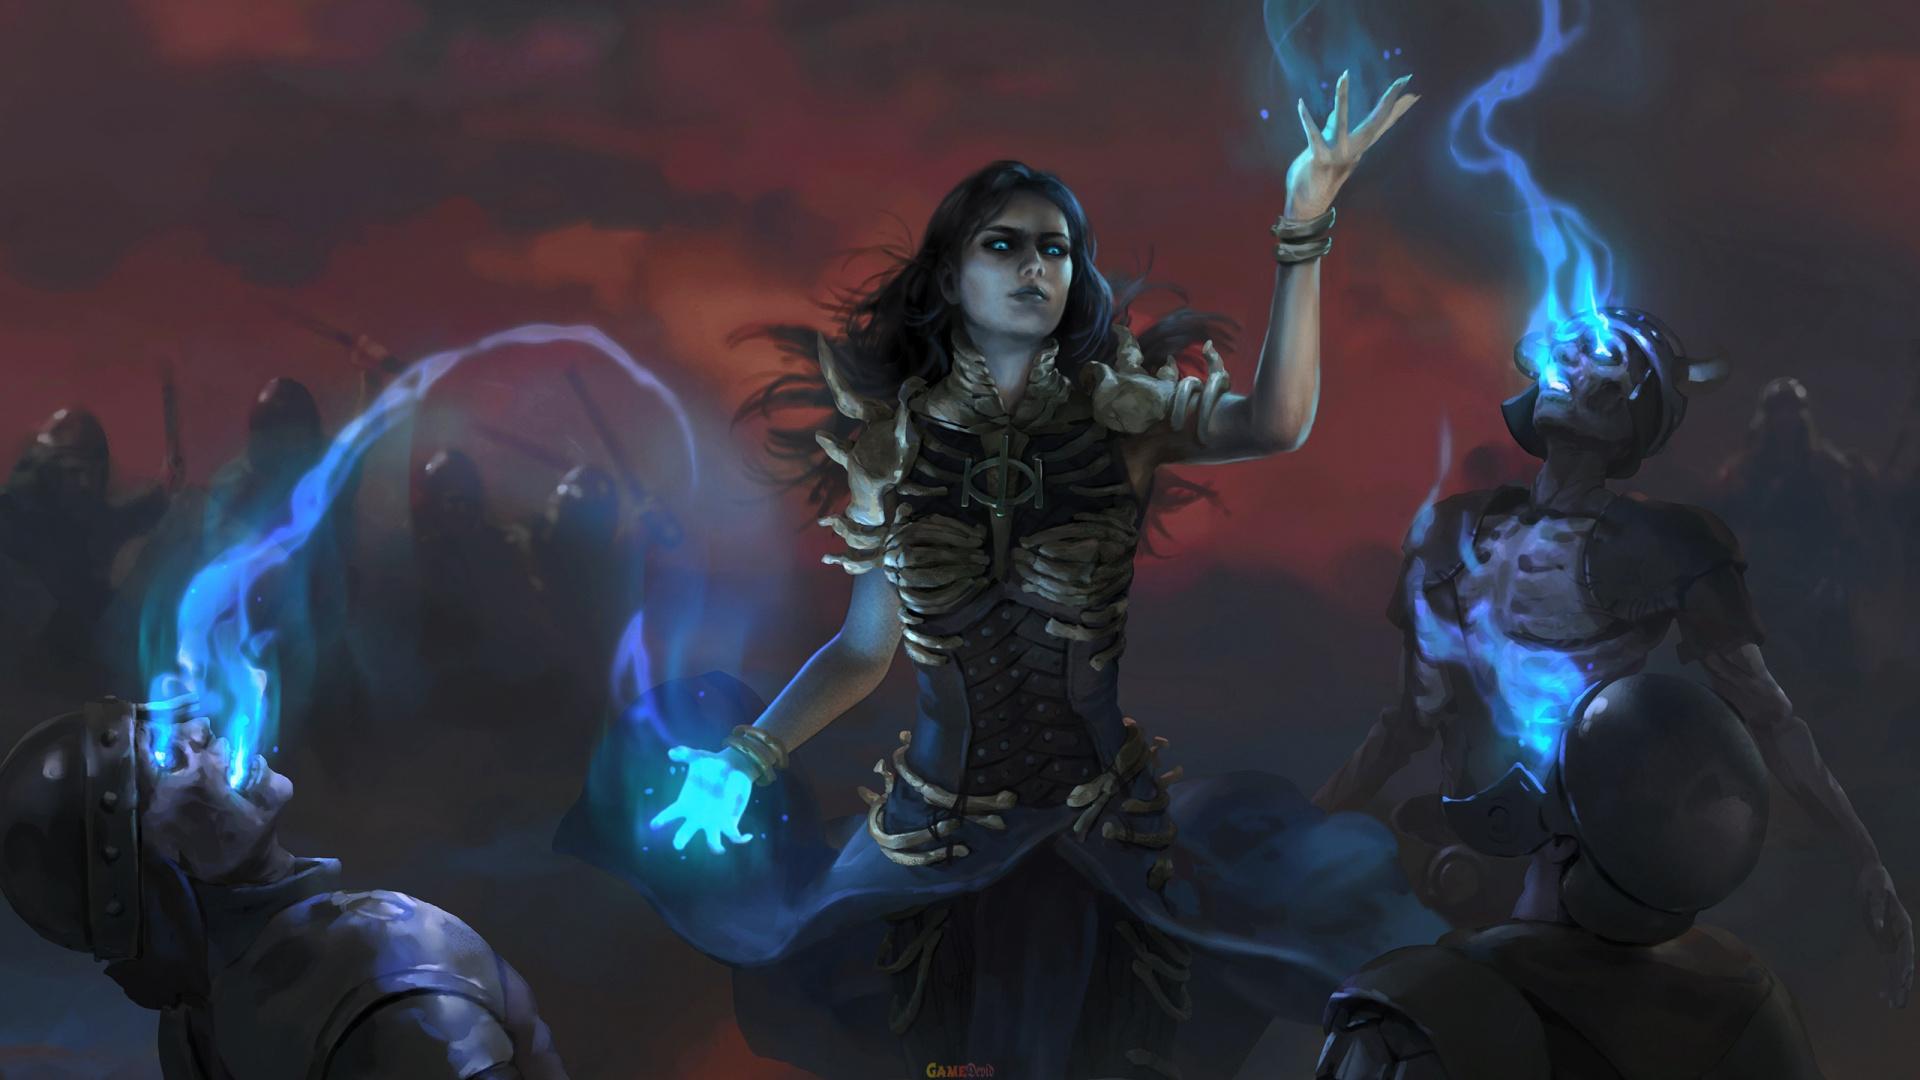 Новое расширение Path of Exile установило рекорд и вызвало проблемы с серверами